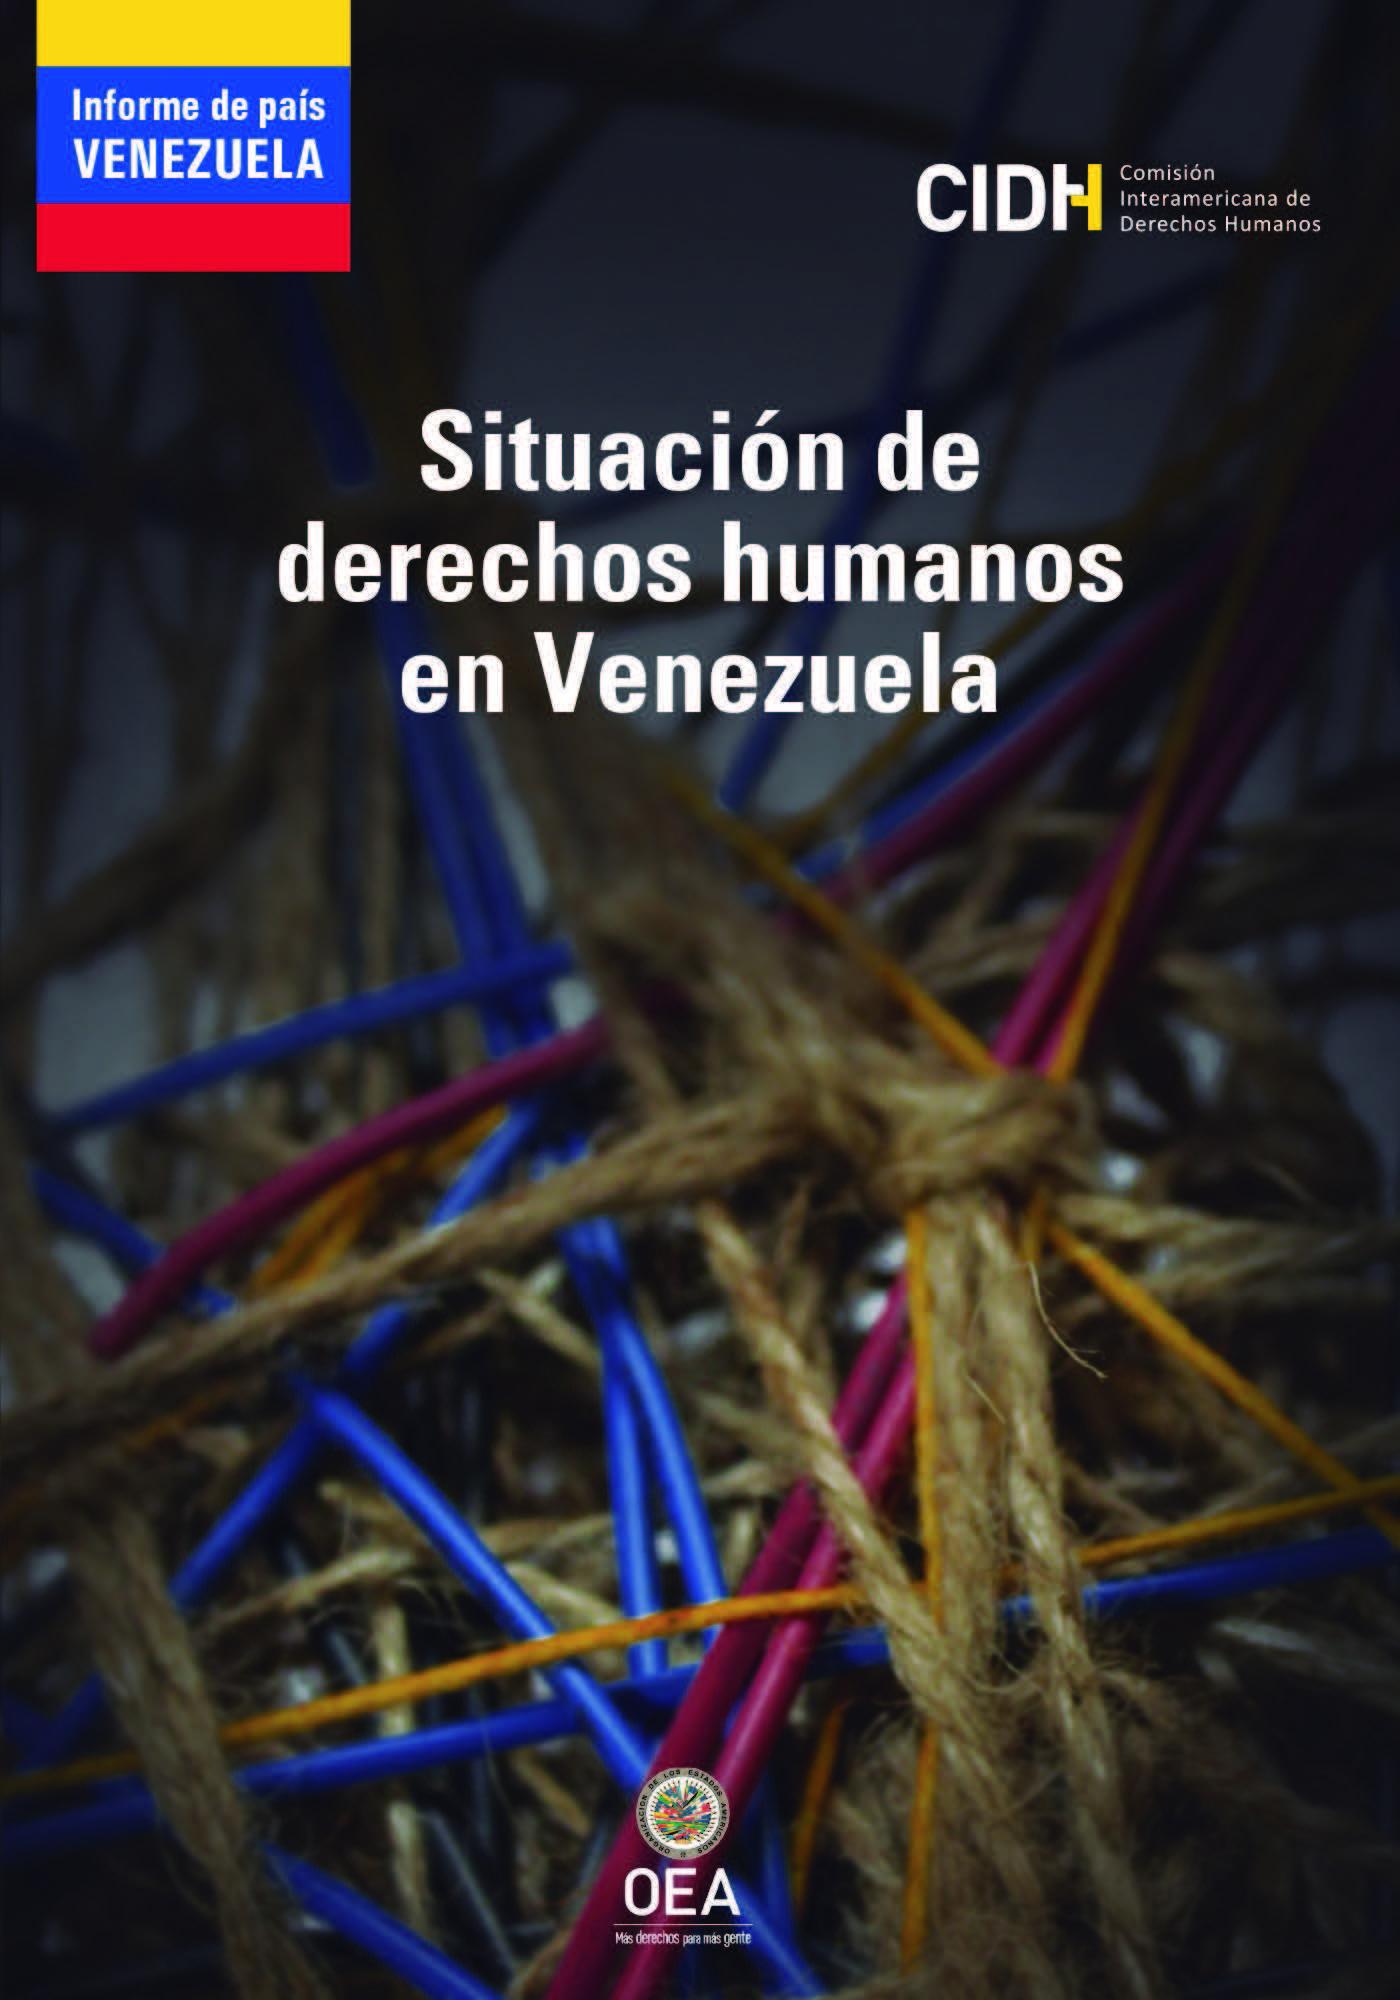 CIDH urge a gobierno venezolano garantizar al máximo la labor periodística y condenar públicamente la violencia contra la prensa